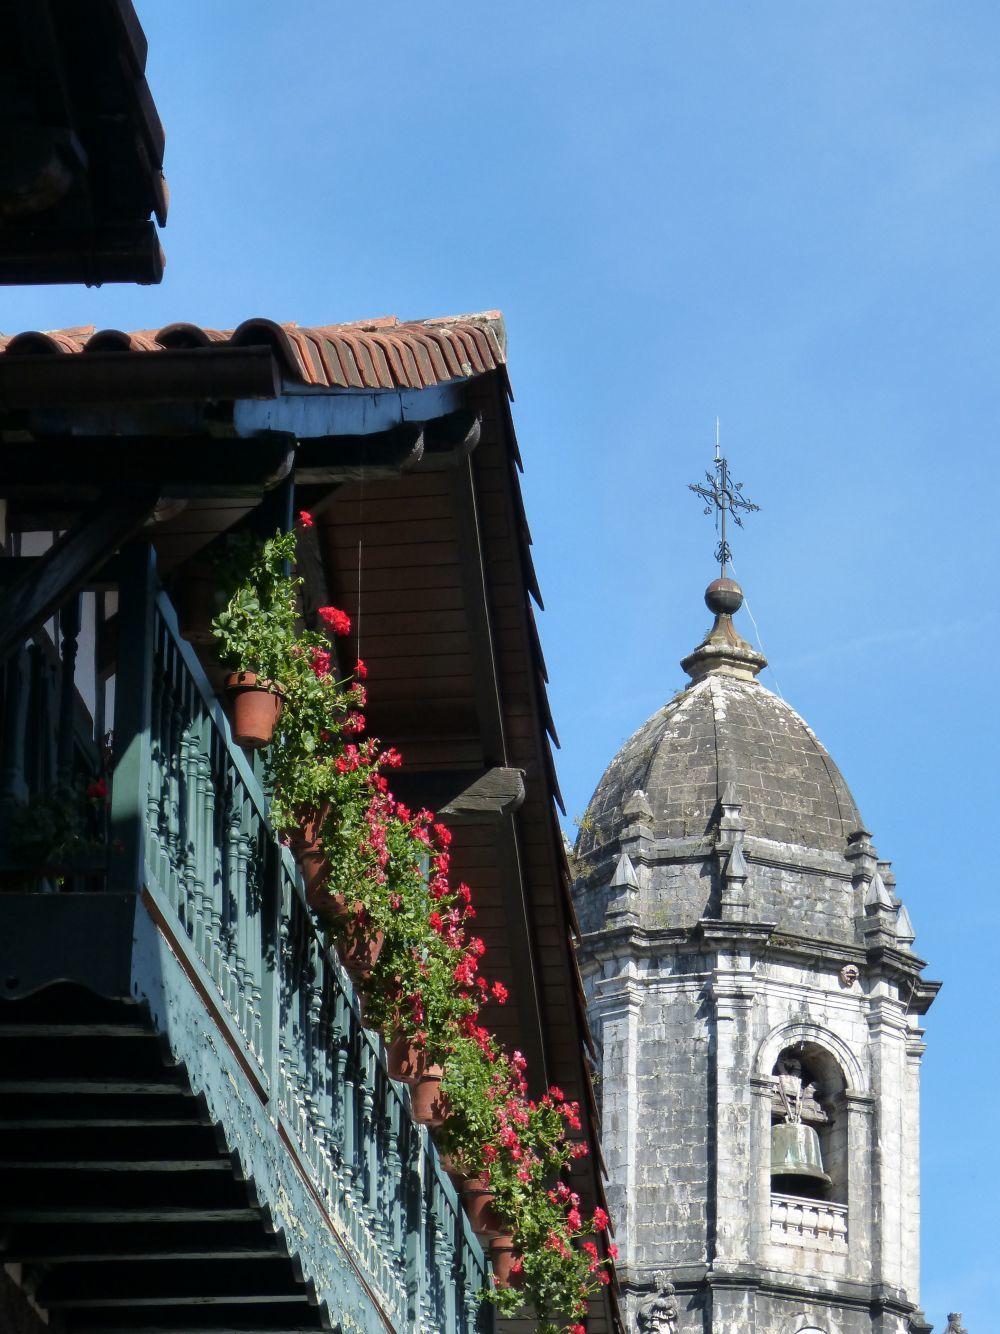 Estampa clasica de la balconada de madera de un caserío.